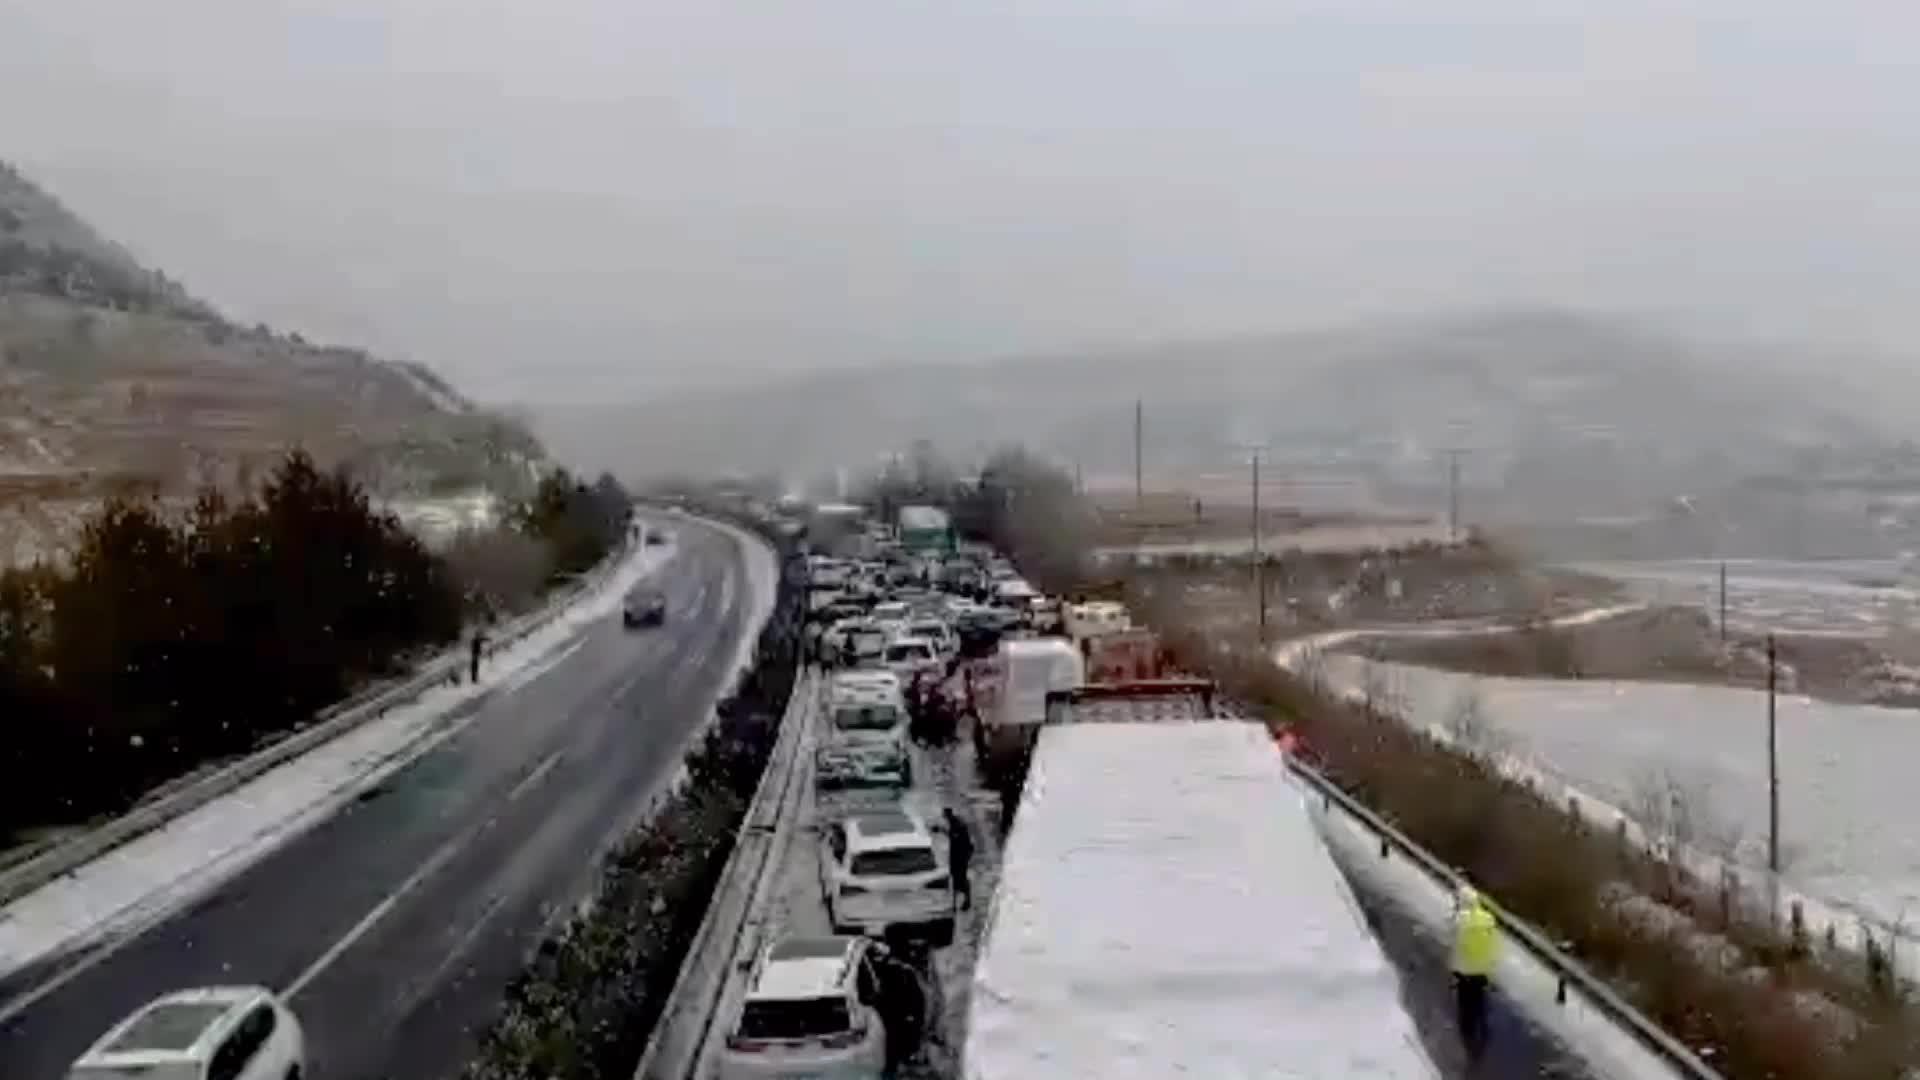 Nieve y hielo en una autopista del centro de China causó el choque en cadena masivo.